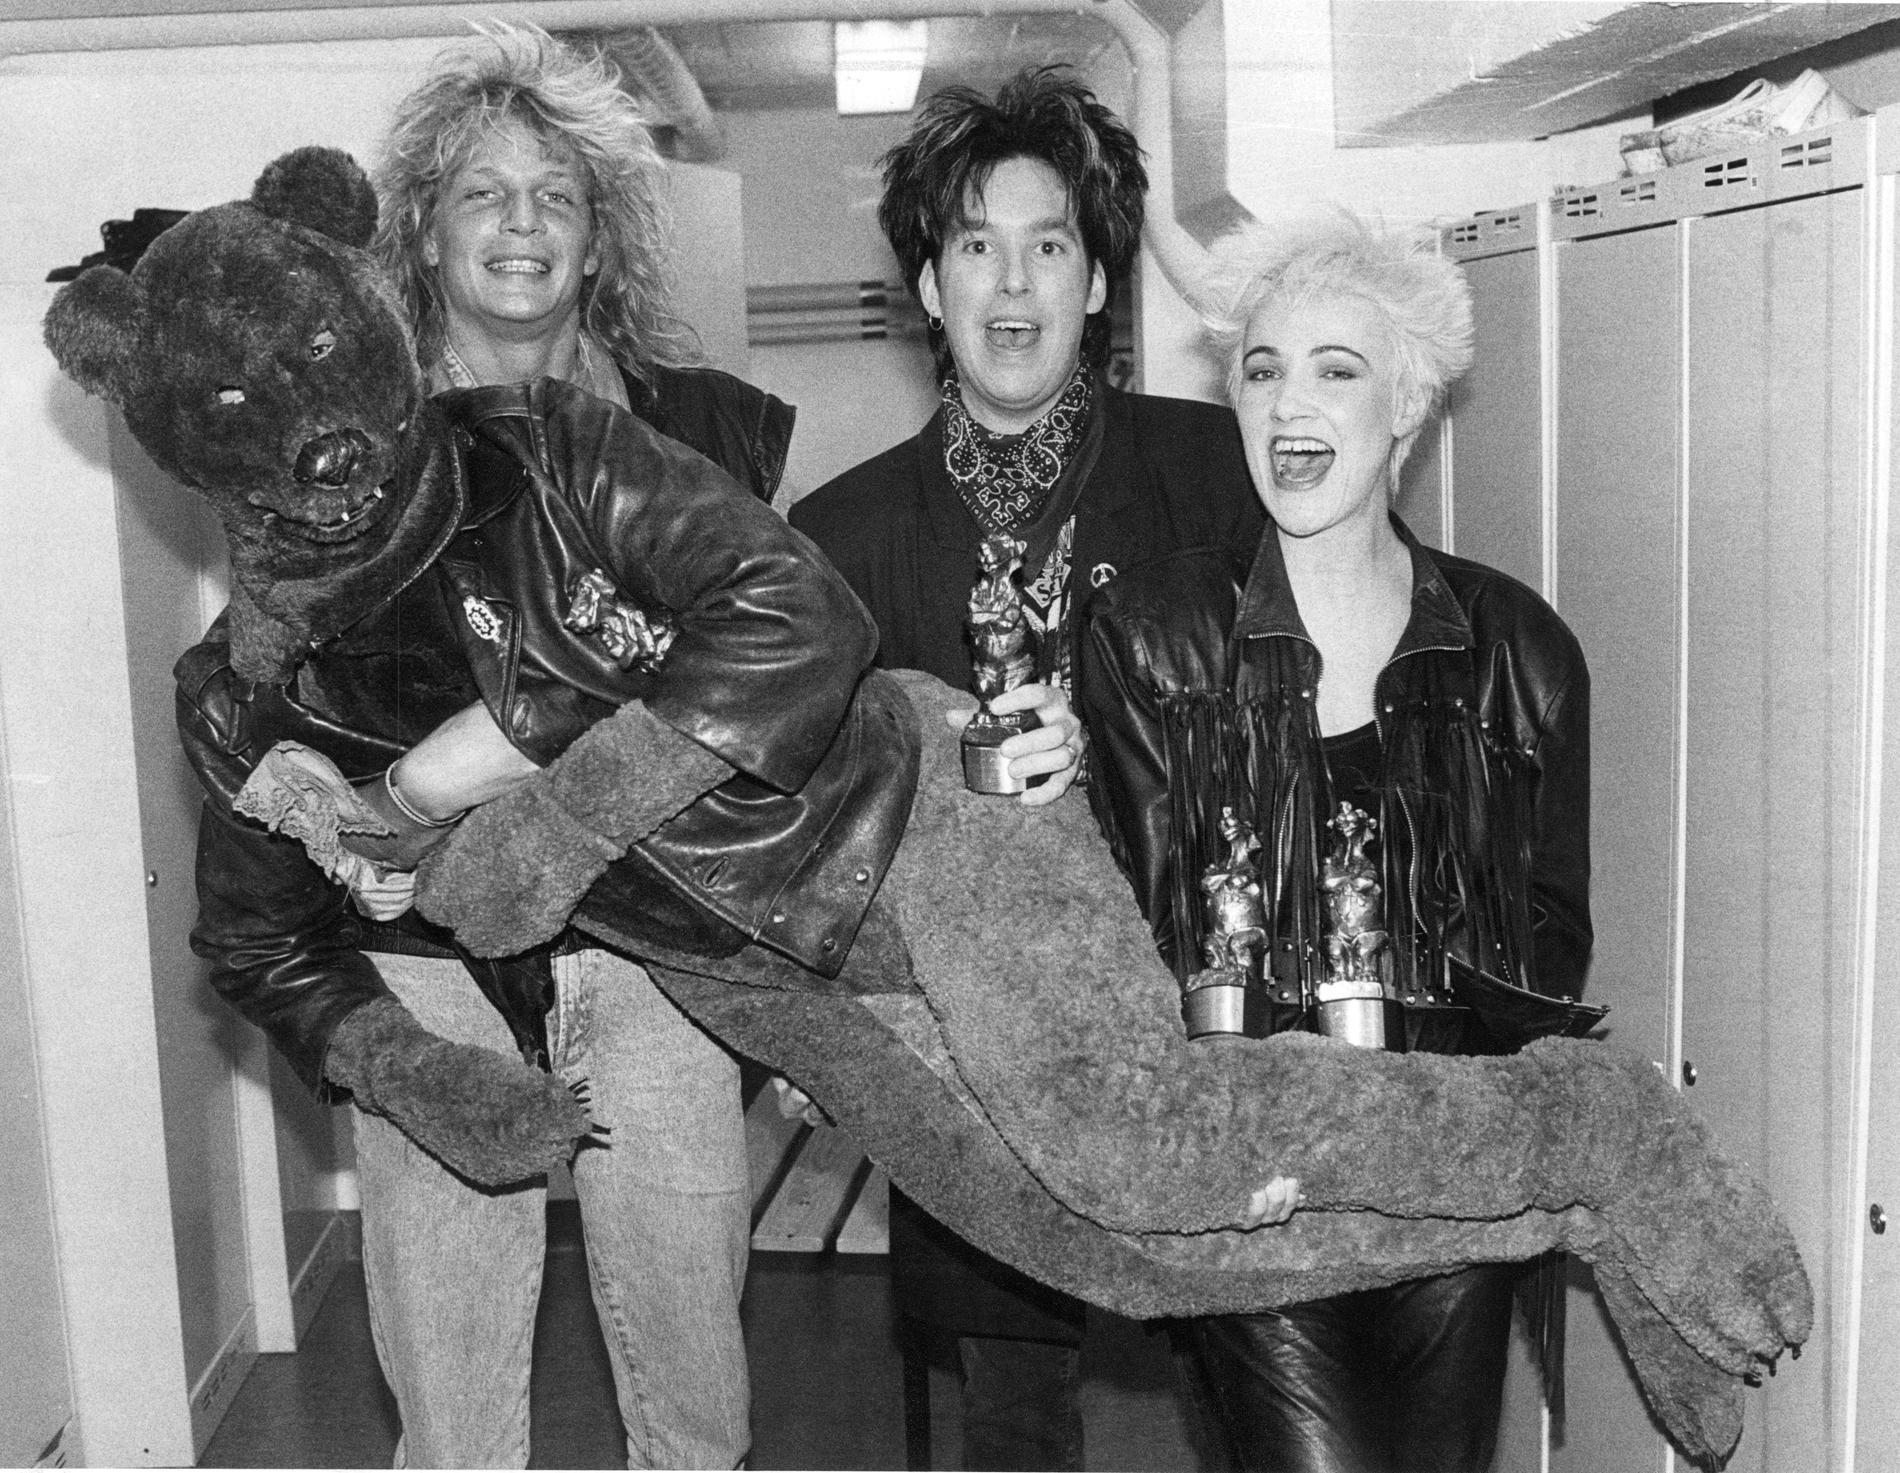 En läskigare björnversion ur arkivet, ihop med Roxette och Tommy Nilsson.